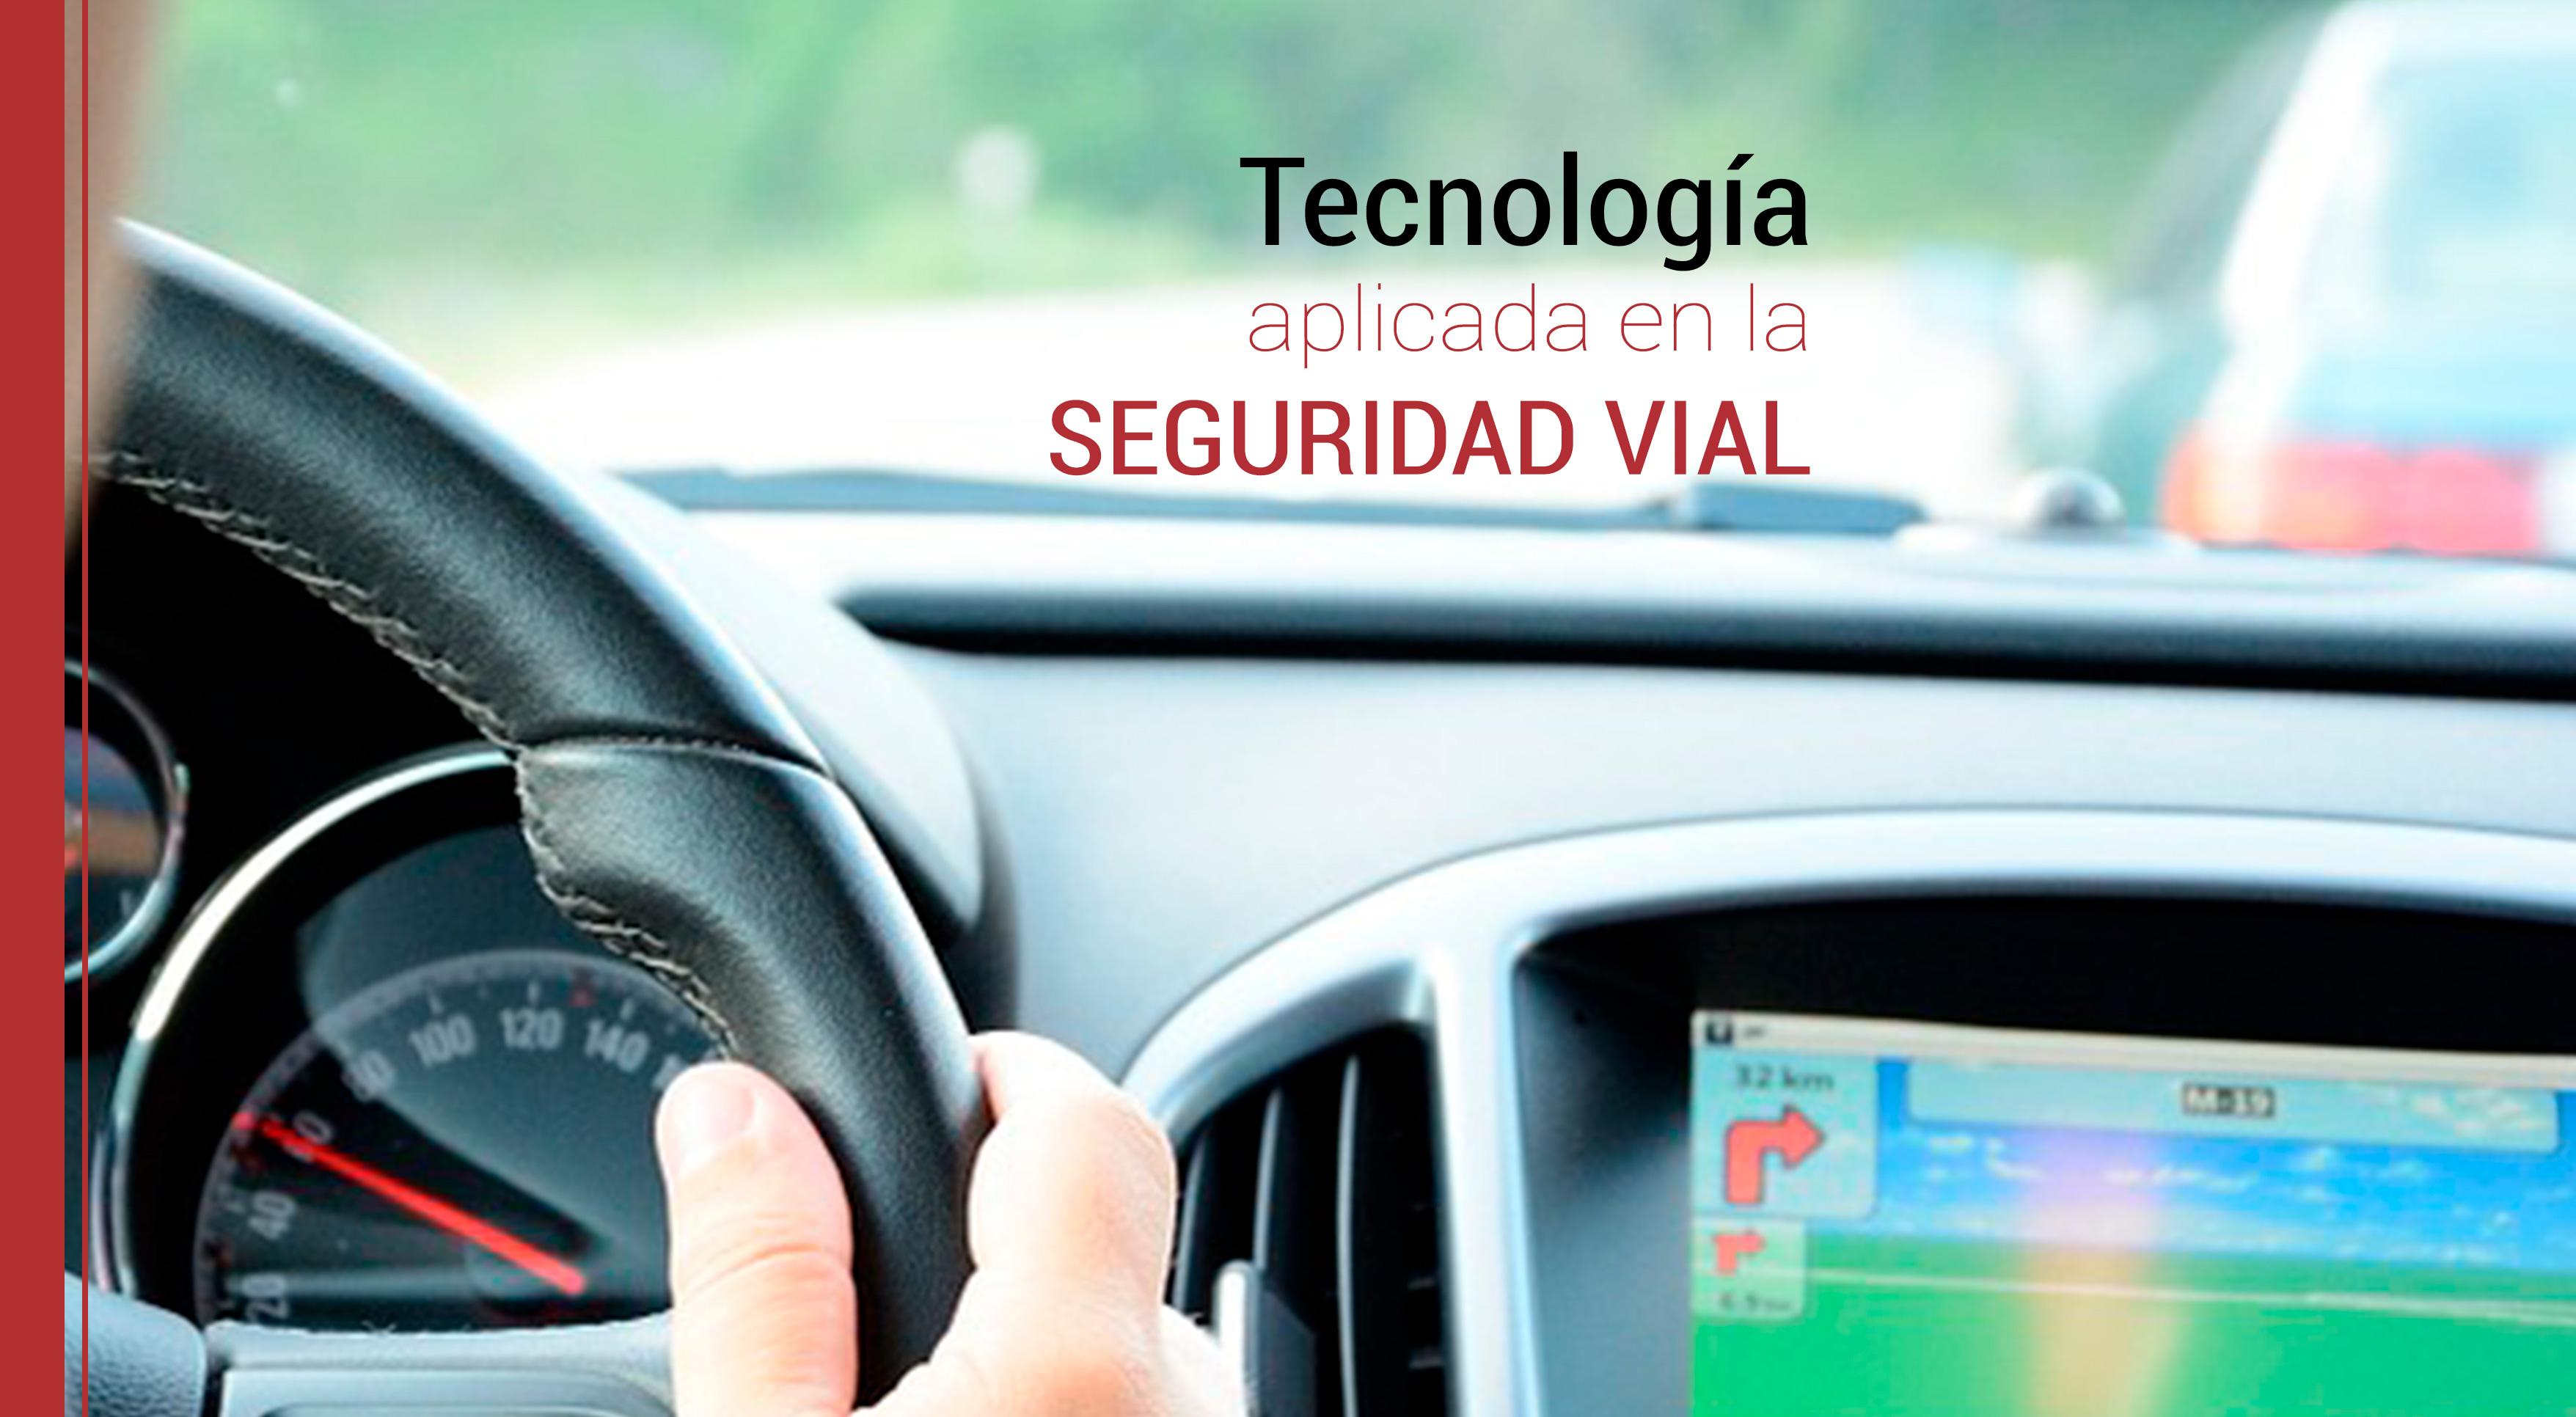 tecnologia-en-la-seguridad-vial El papel de la tecnología en la seguridad vial